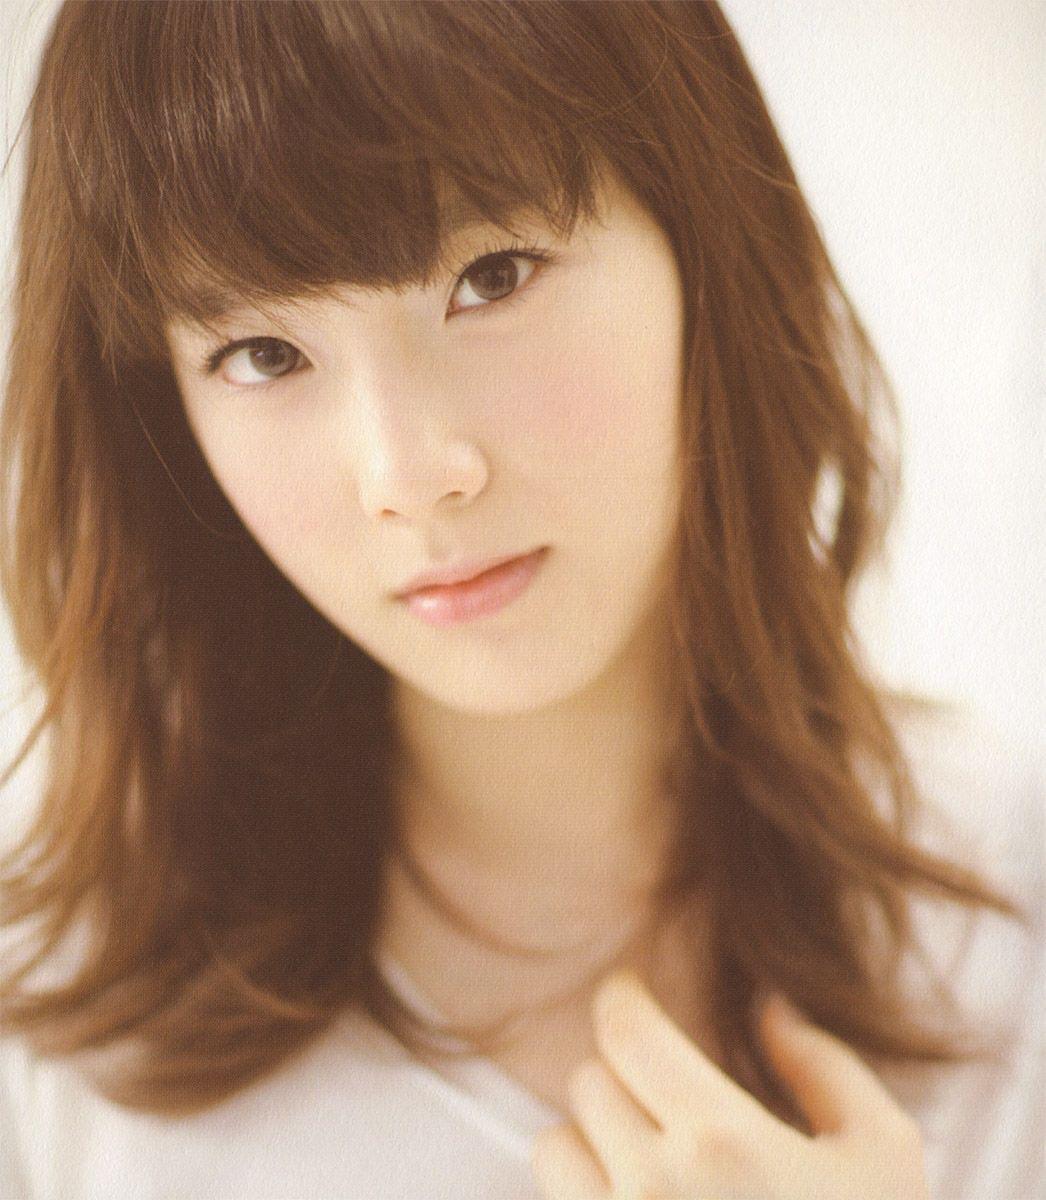 金泰妍头发颜色汇总 10款偶像发型金发照片最经典